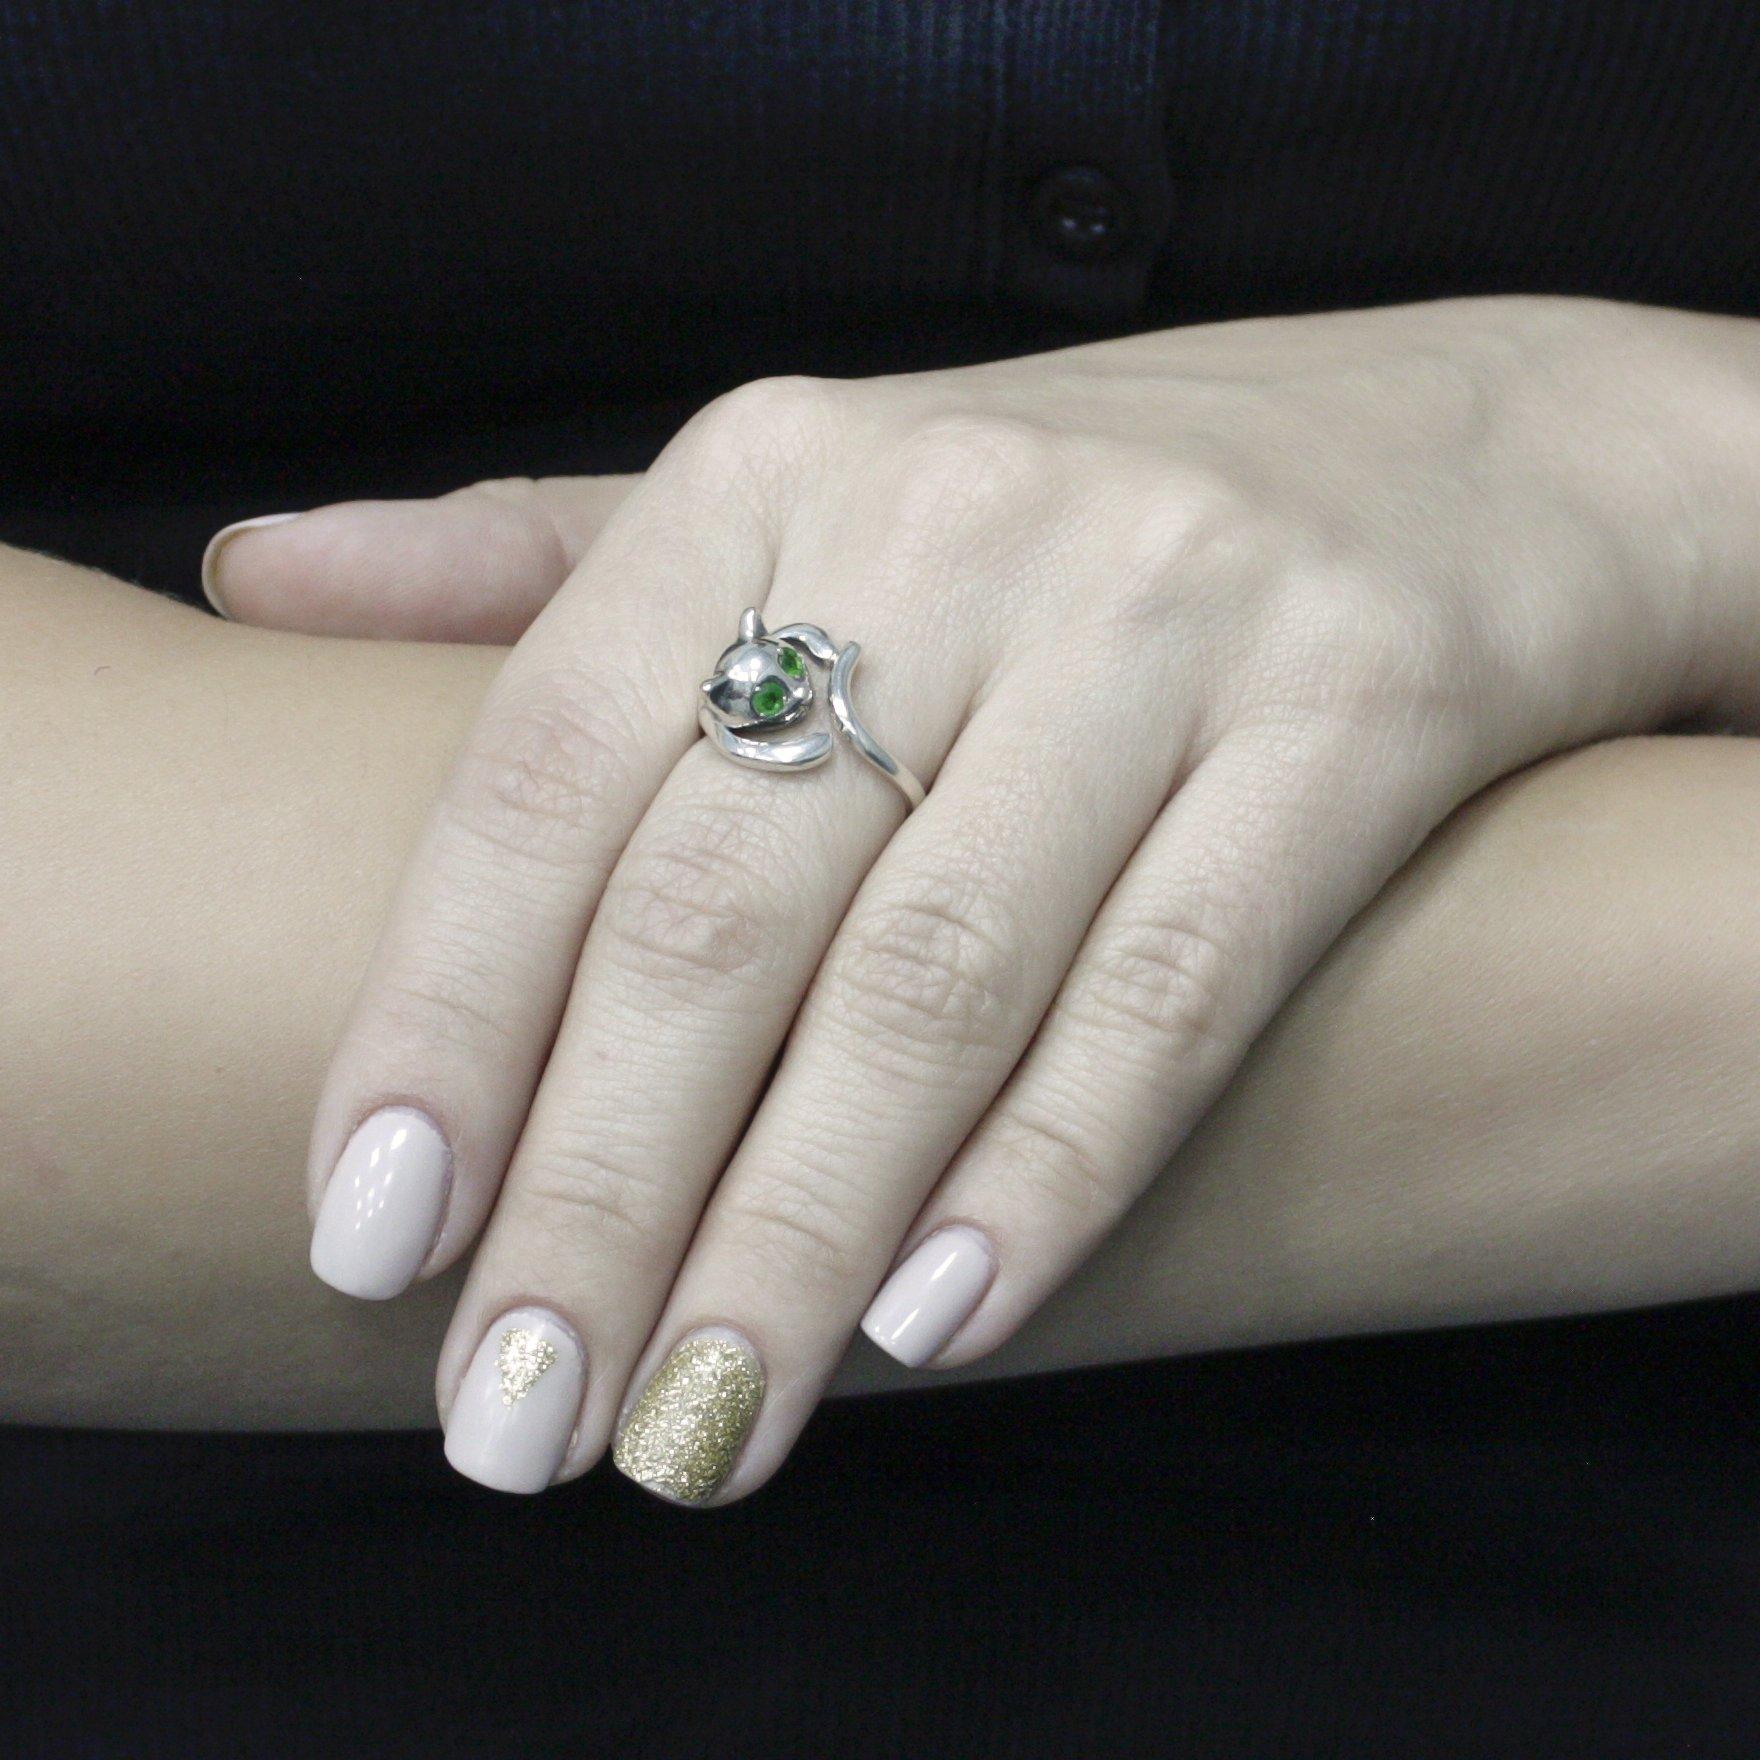 Серебряное кольцо Милашка с шинкой в форме котика с зелеными глазками-фианитами